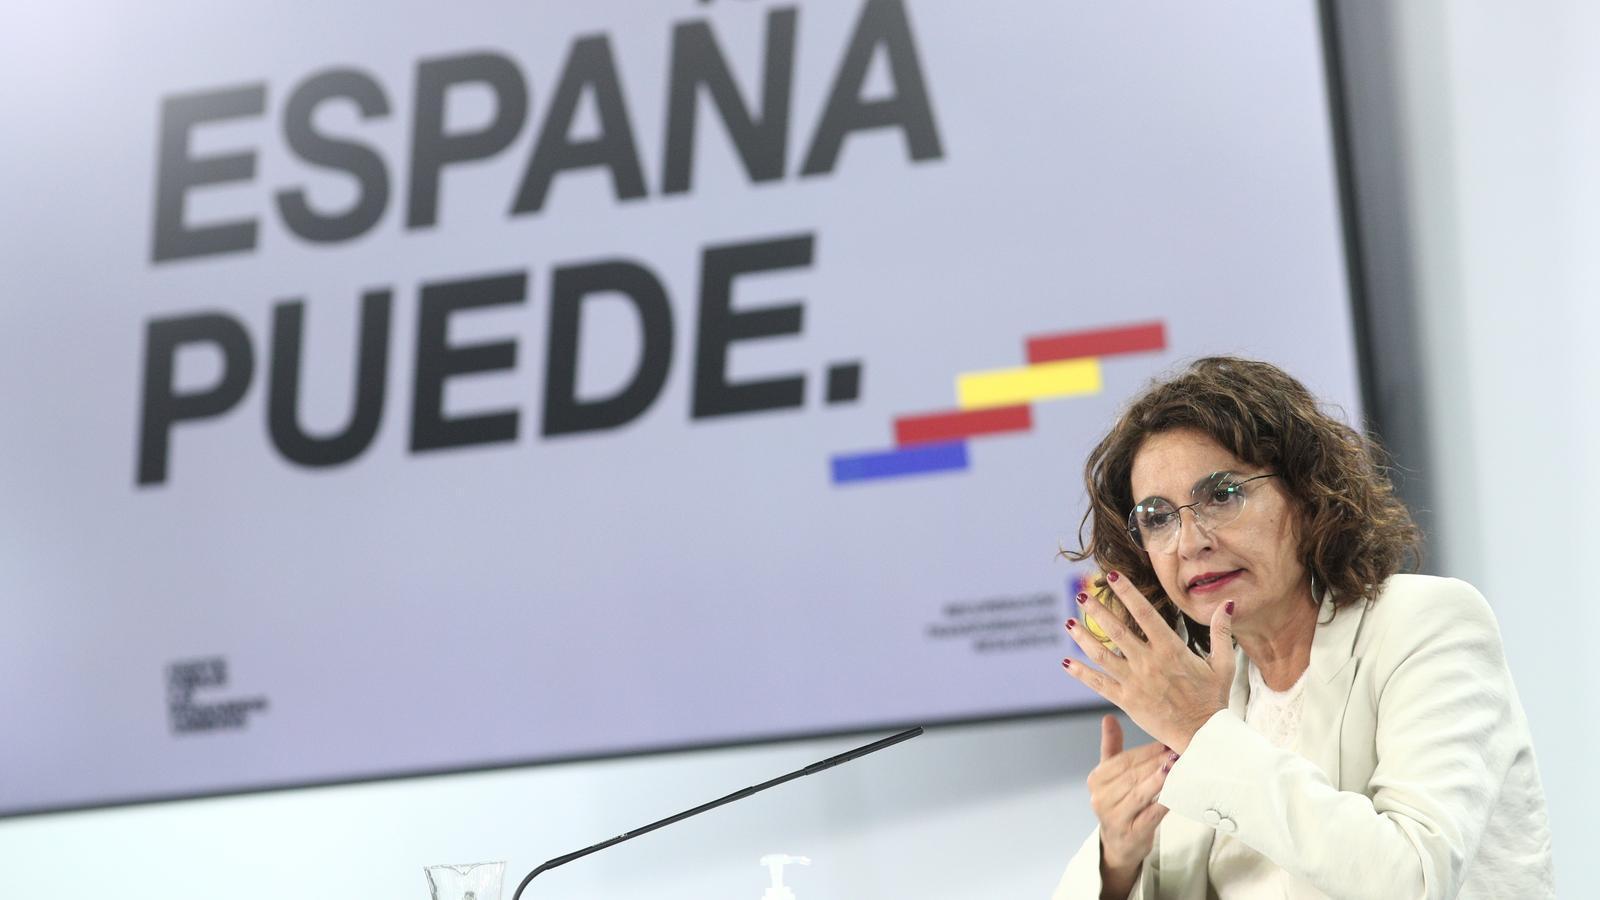 La ministra portaveu i també titular d'Hisenda, María Jesús Montero, en roda de premsa aquest dimarts